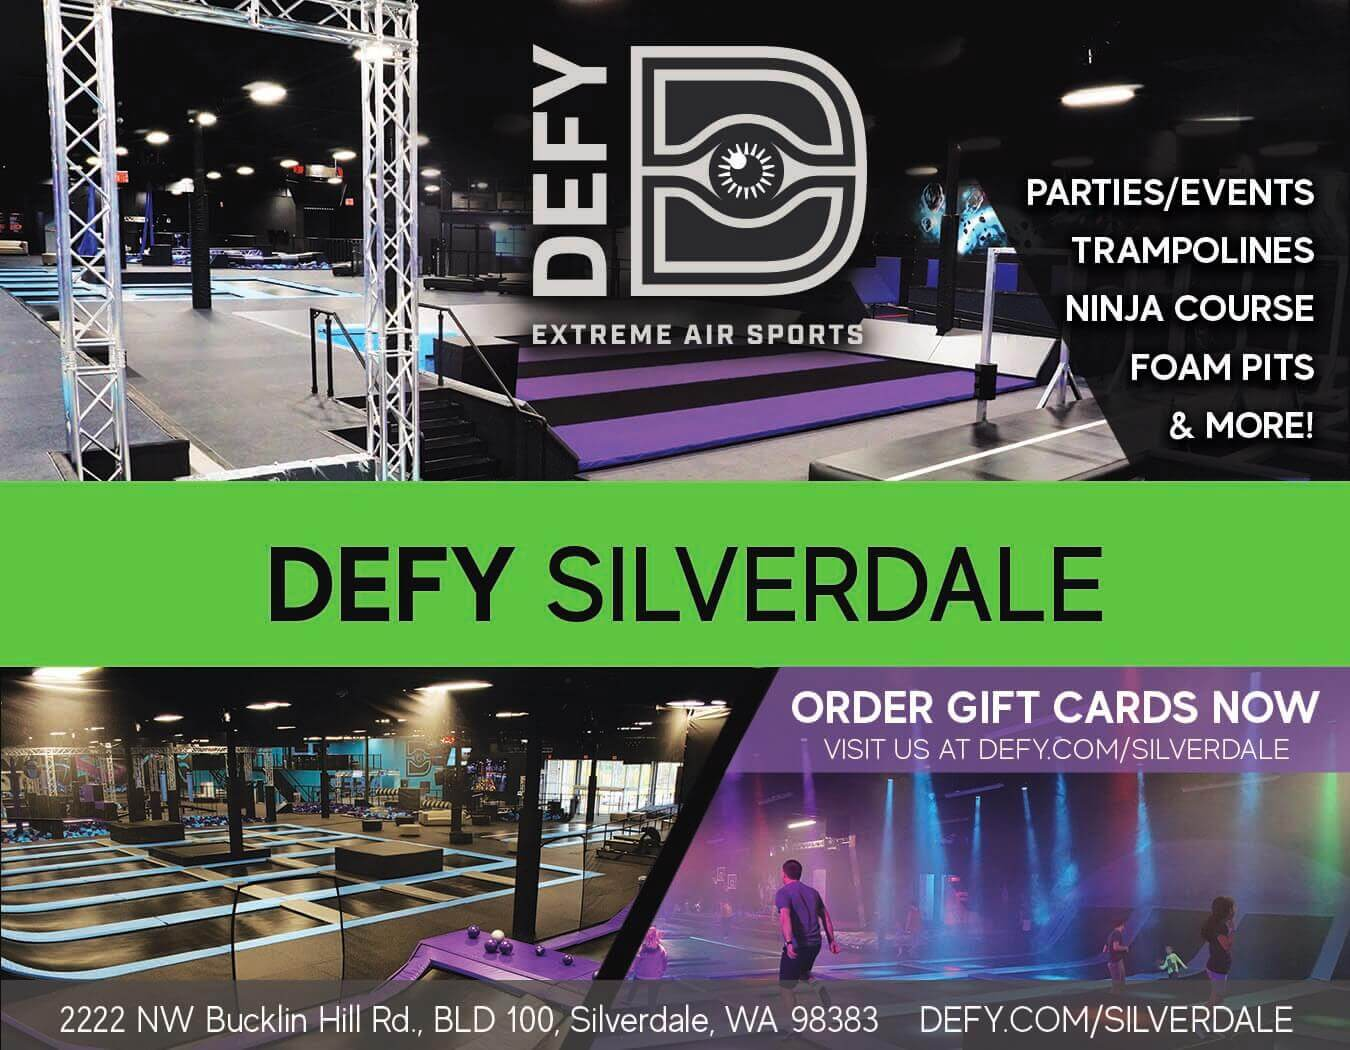 Defy-Silverdale-Ad